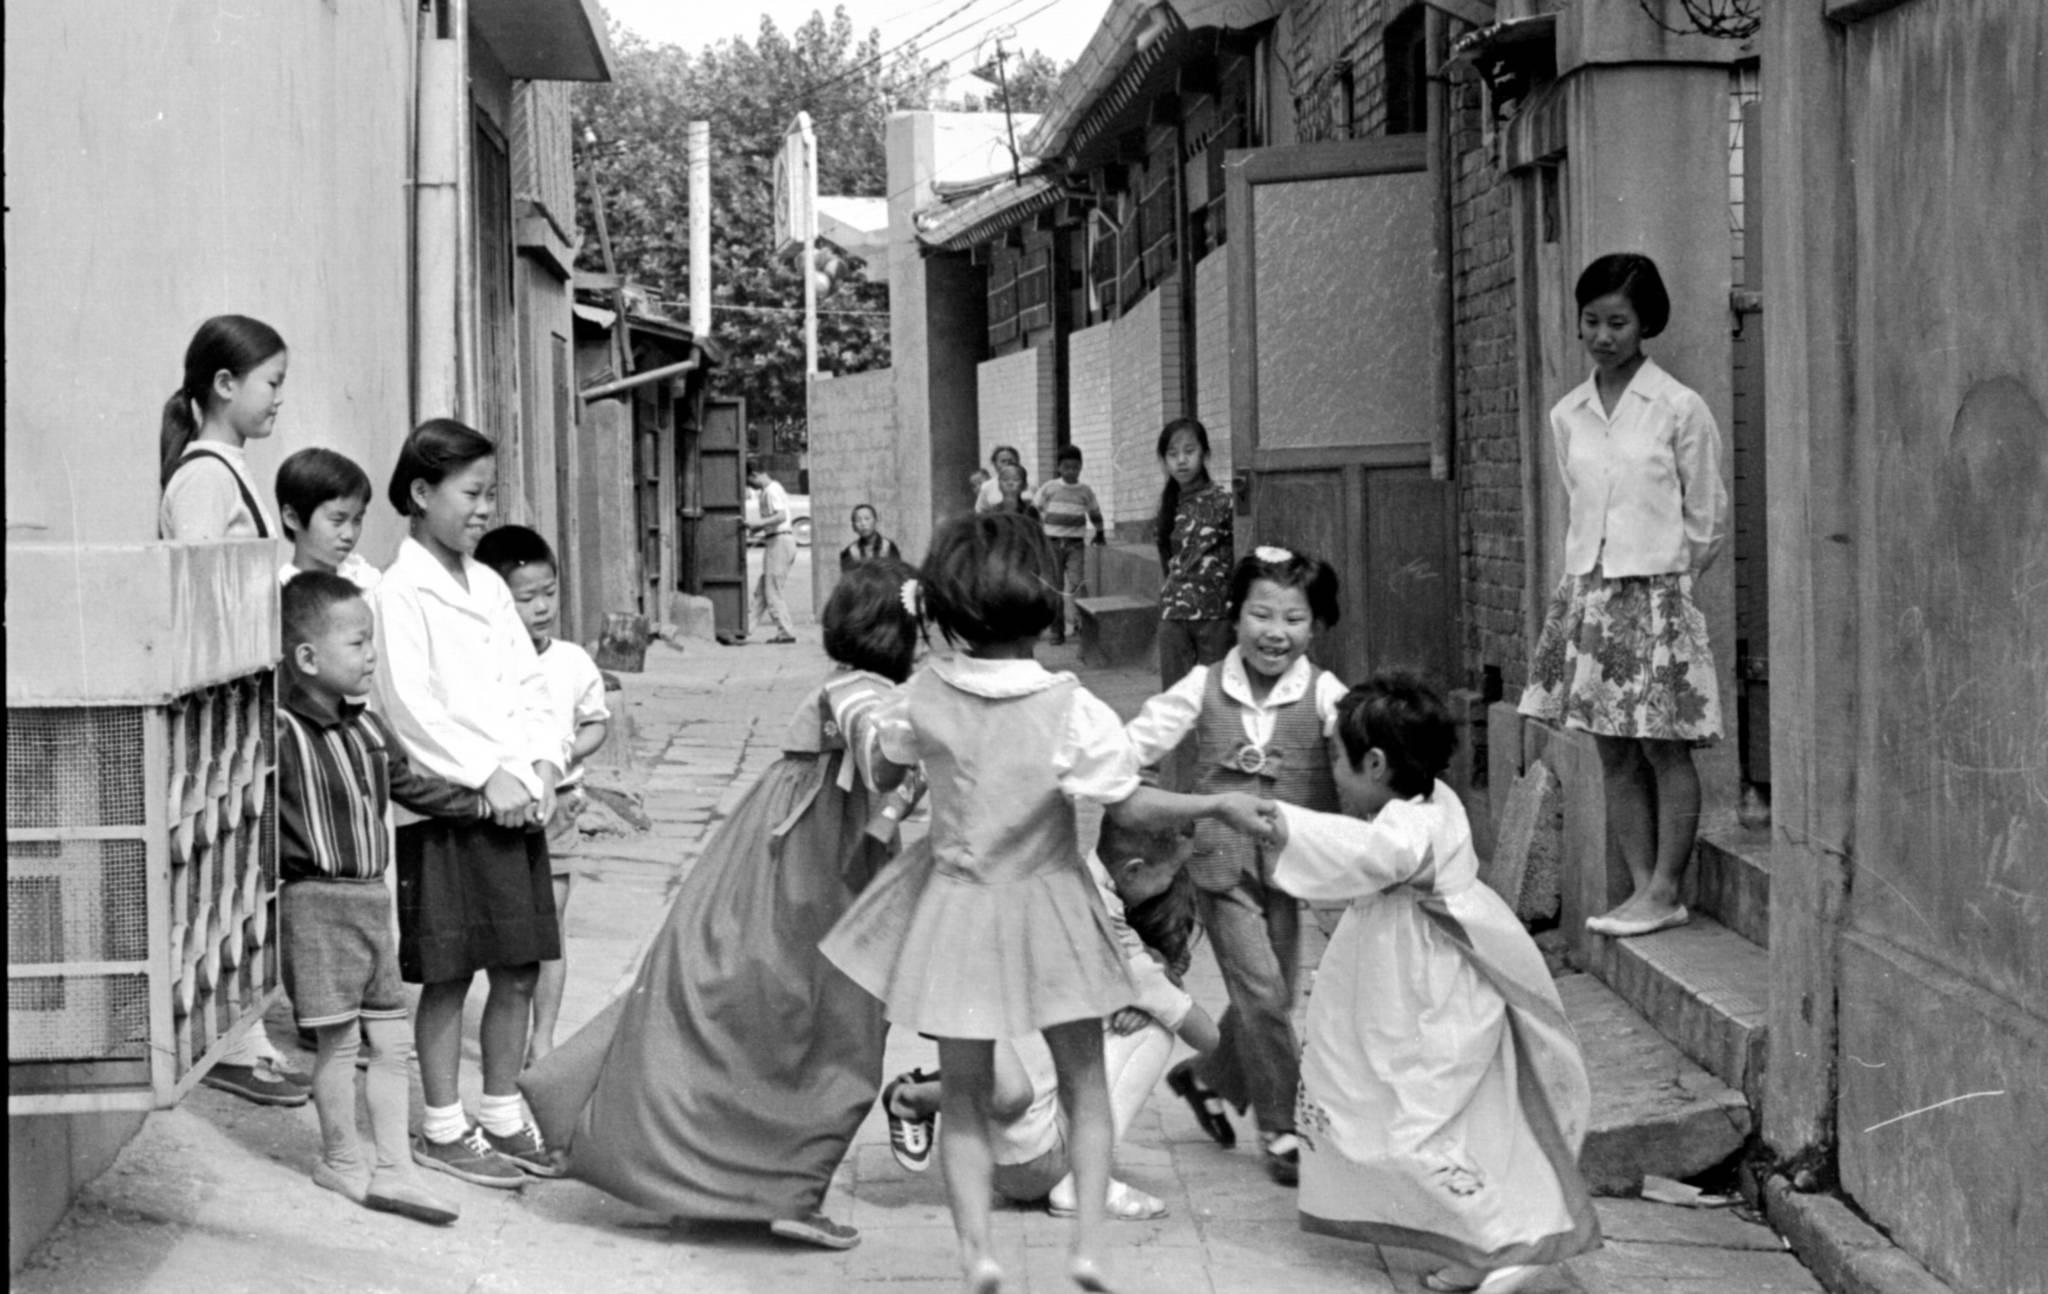 놀 것과 놀 장소가 마땅치 않았던 당시는 동네 골목이 놀이터였다. 한복도 귀한 때라 골목길에 한복을 입은 어린이가 17명 중 두명밖에 보이지않는다.[중앙포토]